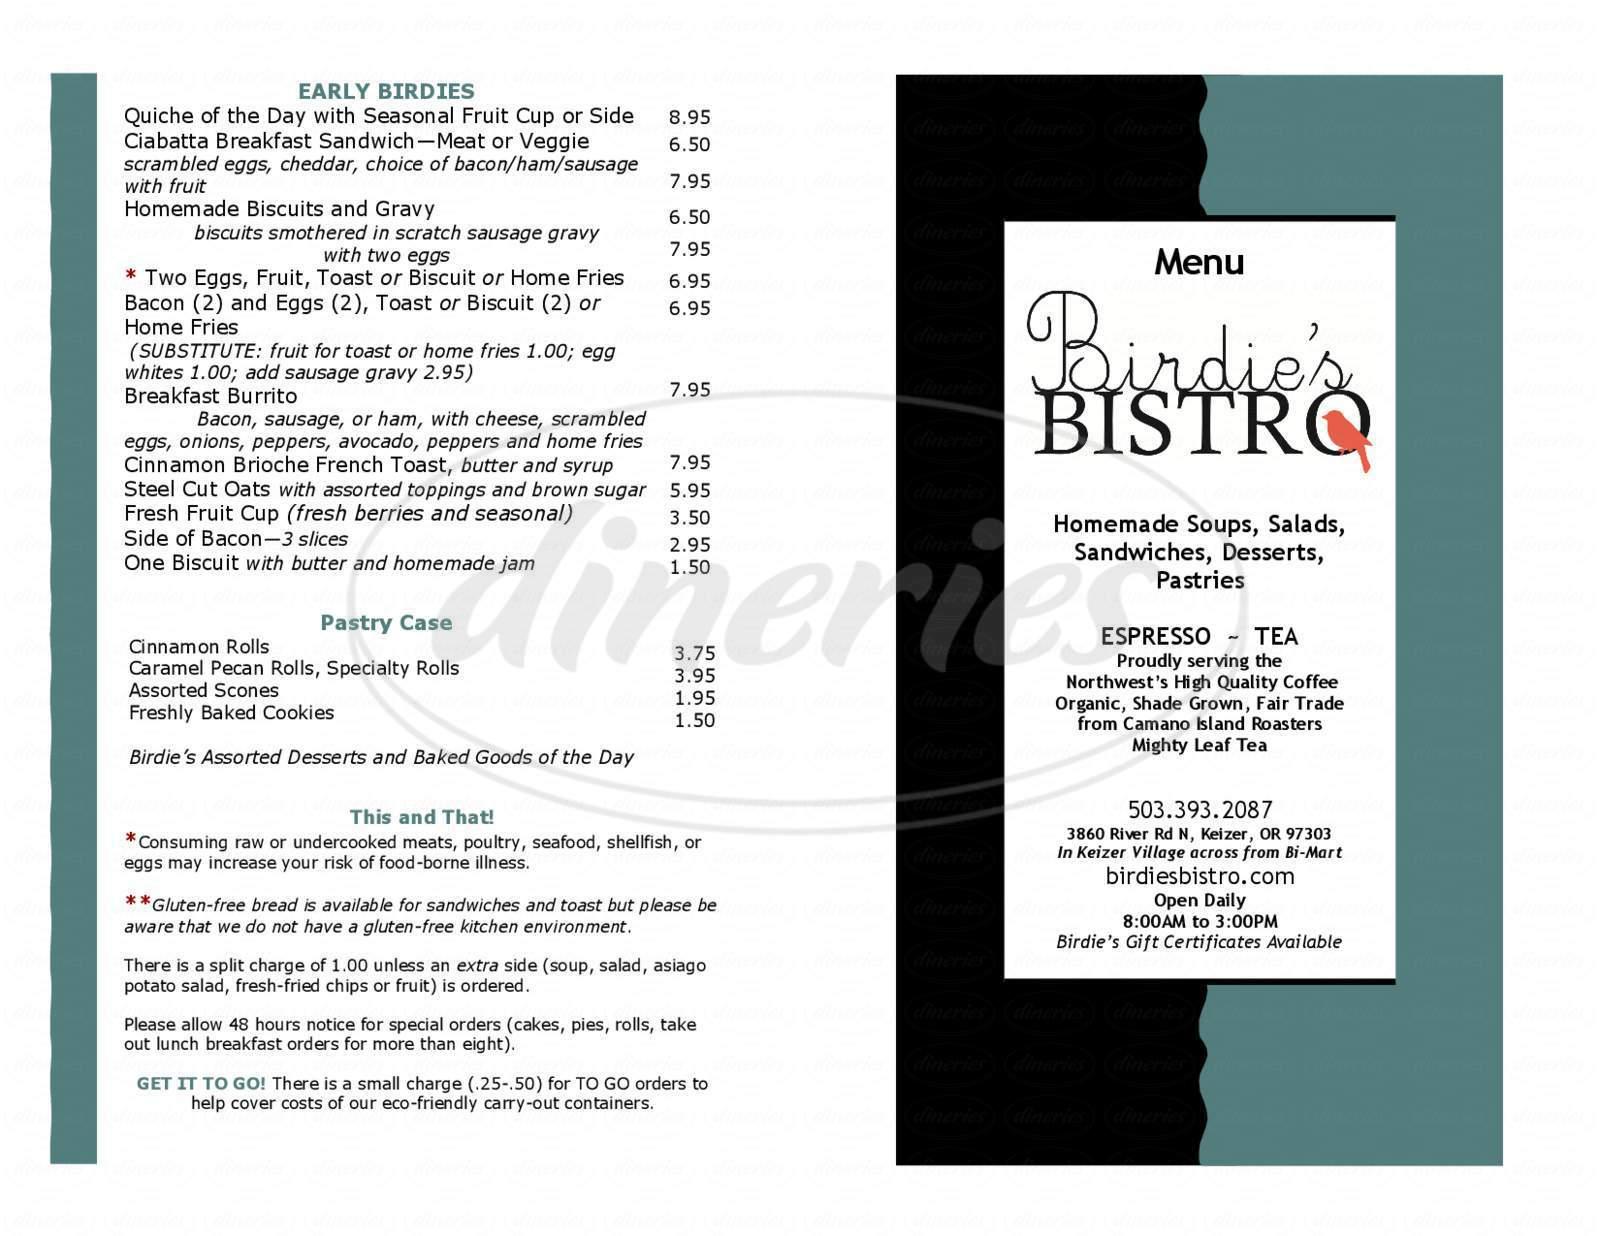 menu for Birdie's Bistro